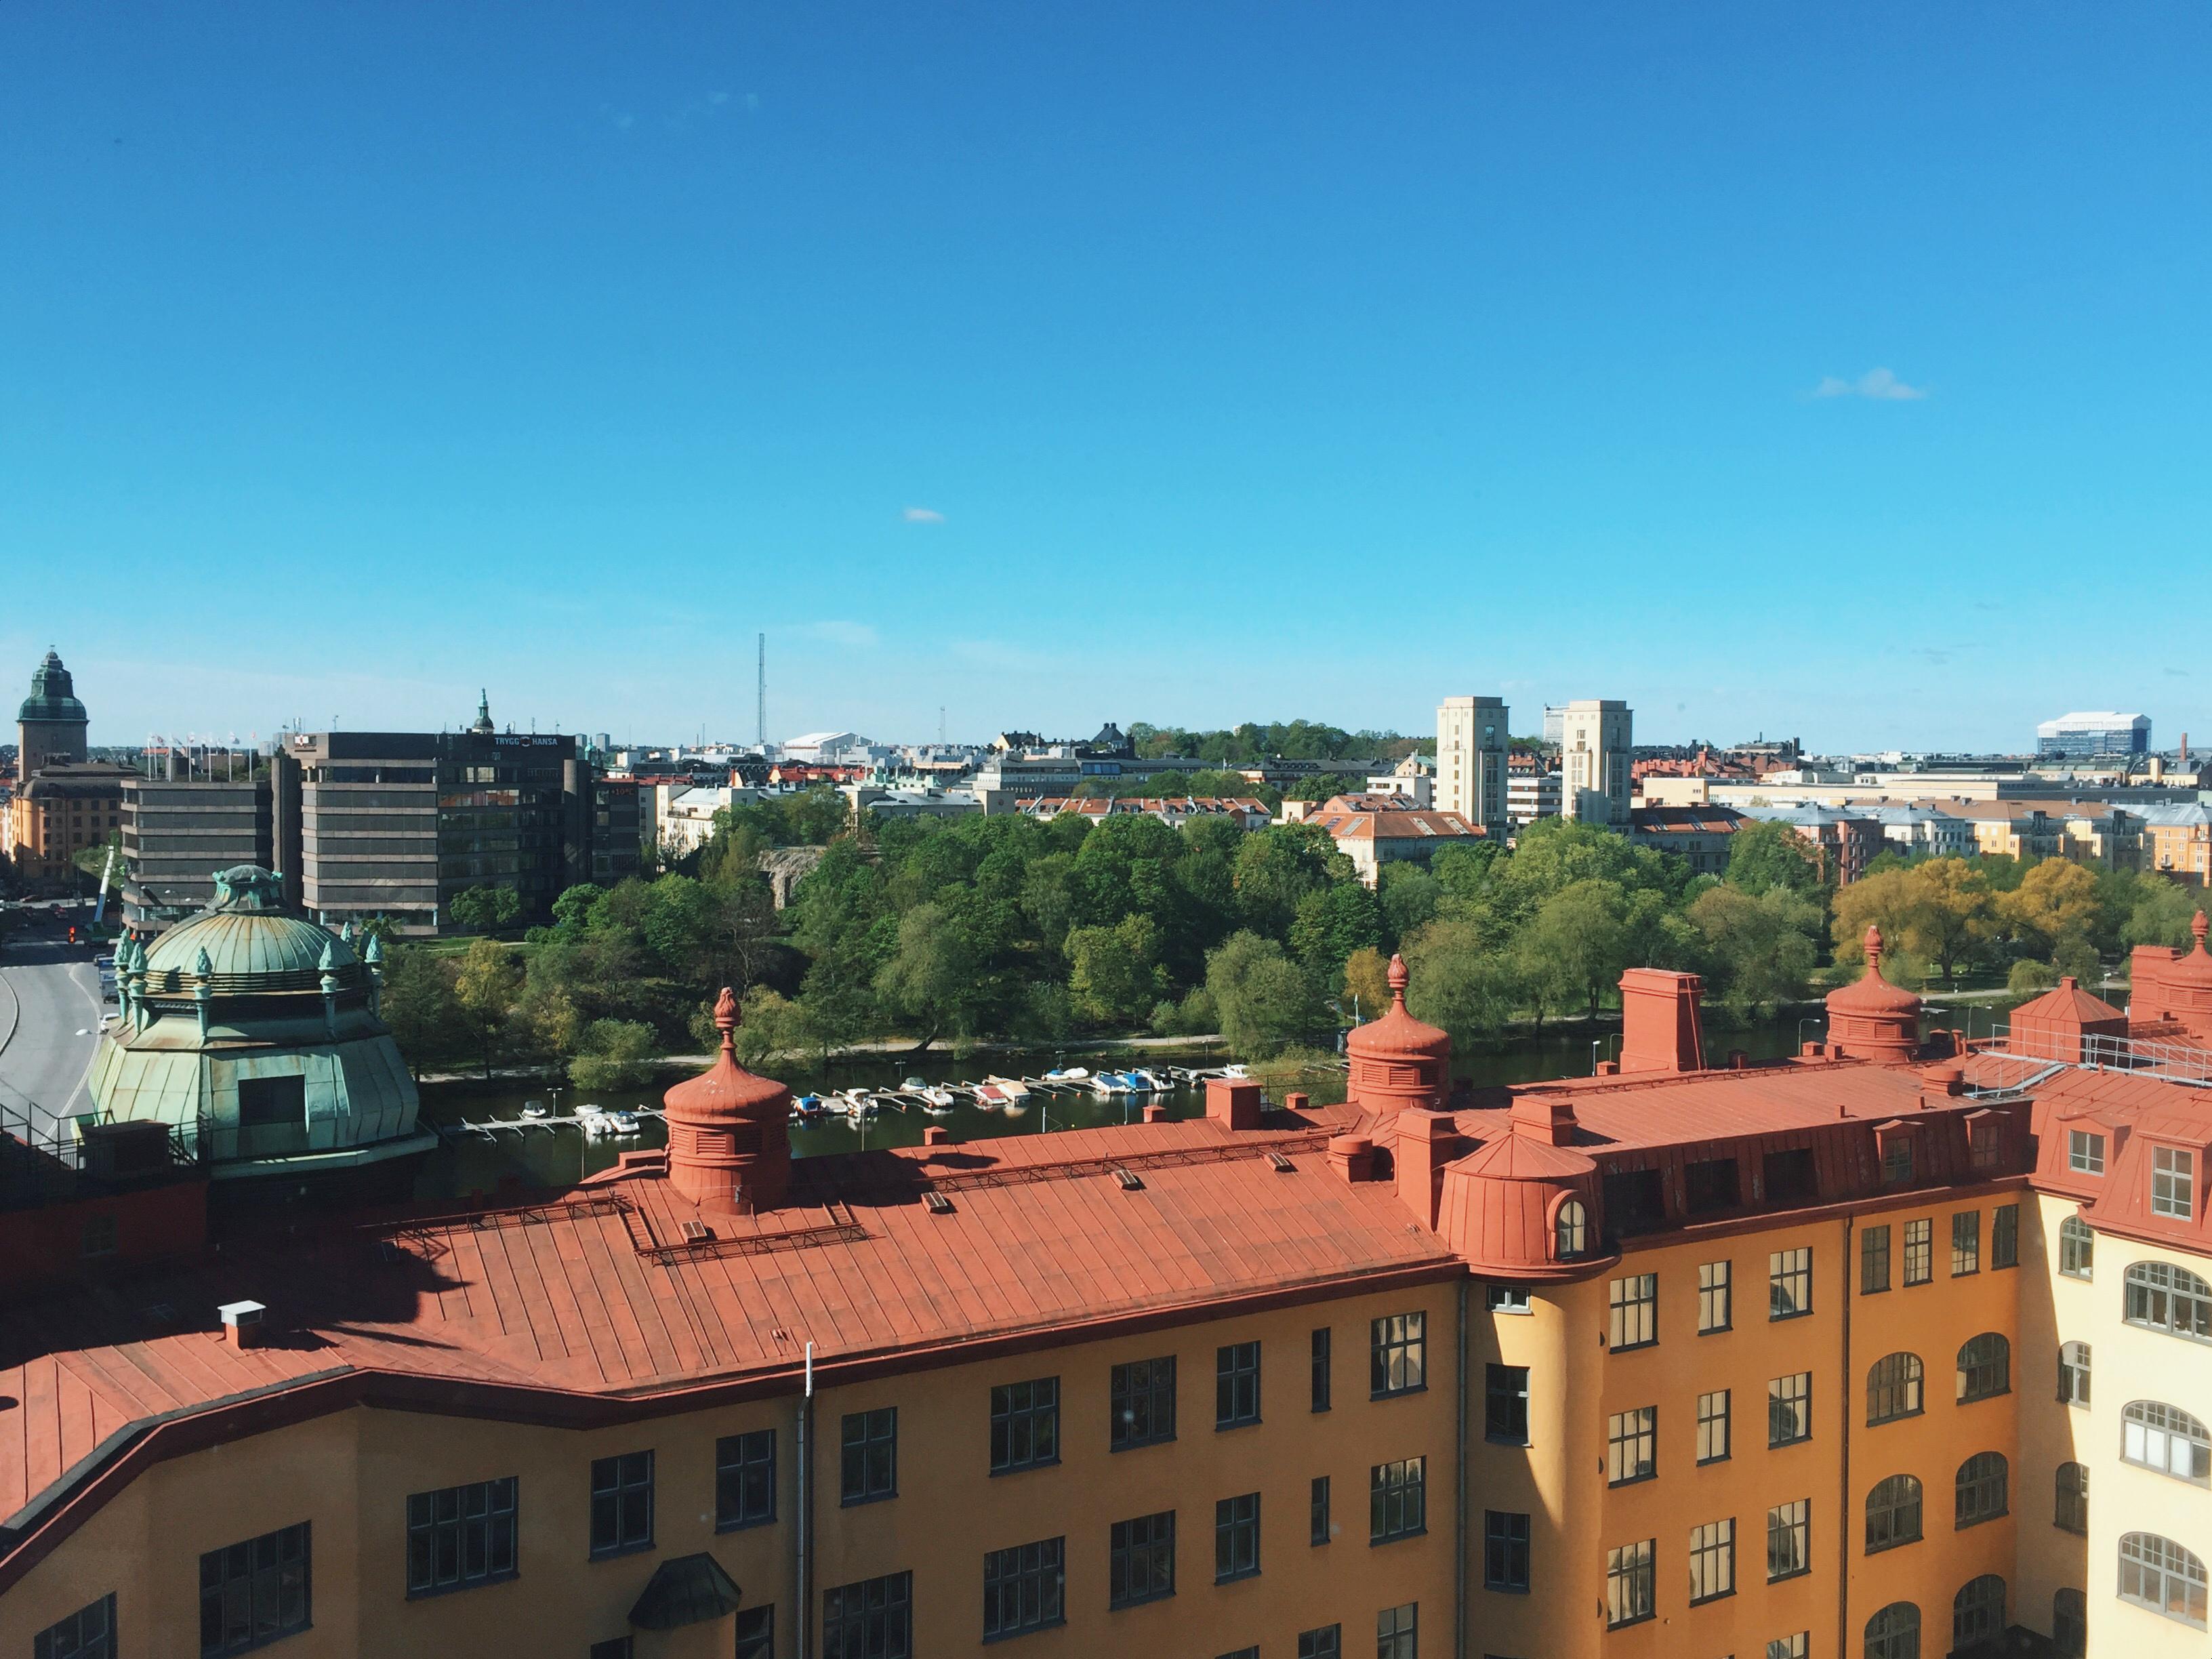 gå på dejt stockholm eskorter